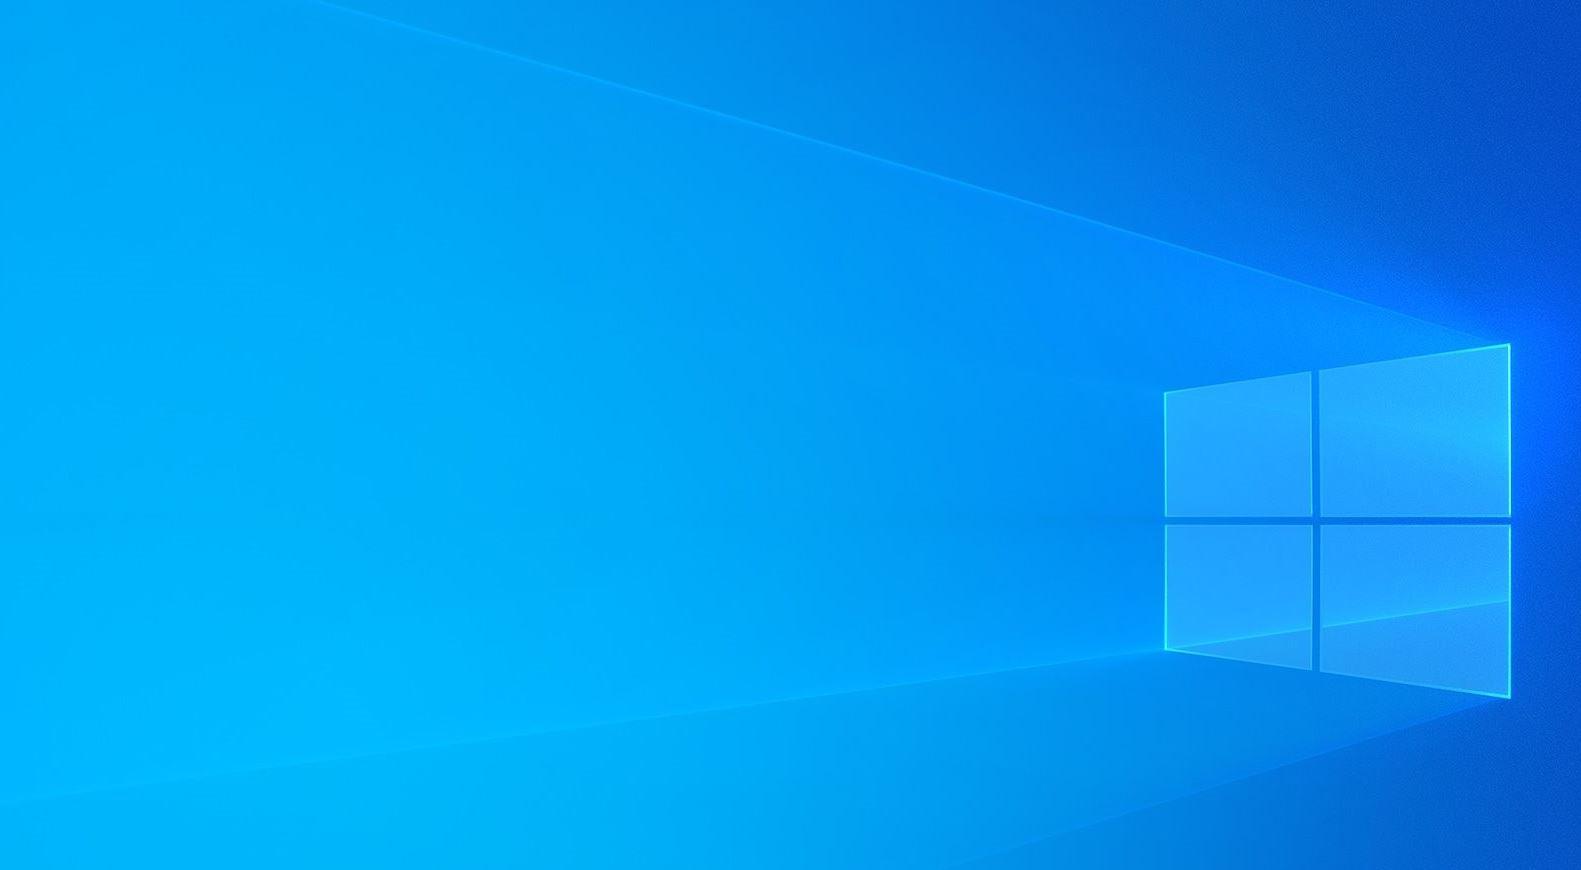 L'avvio rapido su windows 10 può causare problemi in caso di errori, ecco come risolvere il problema